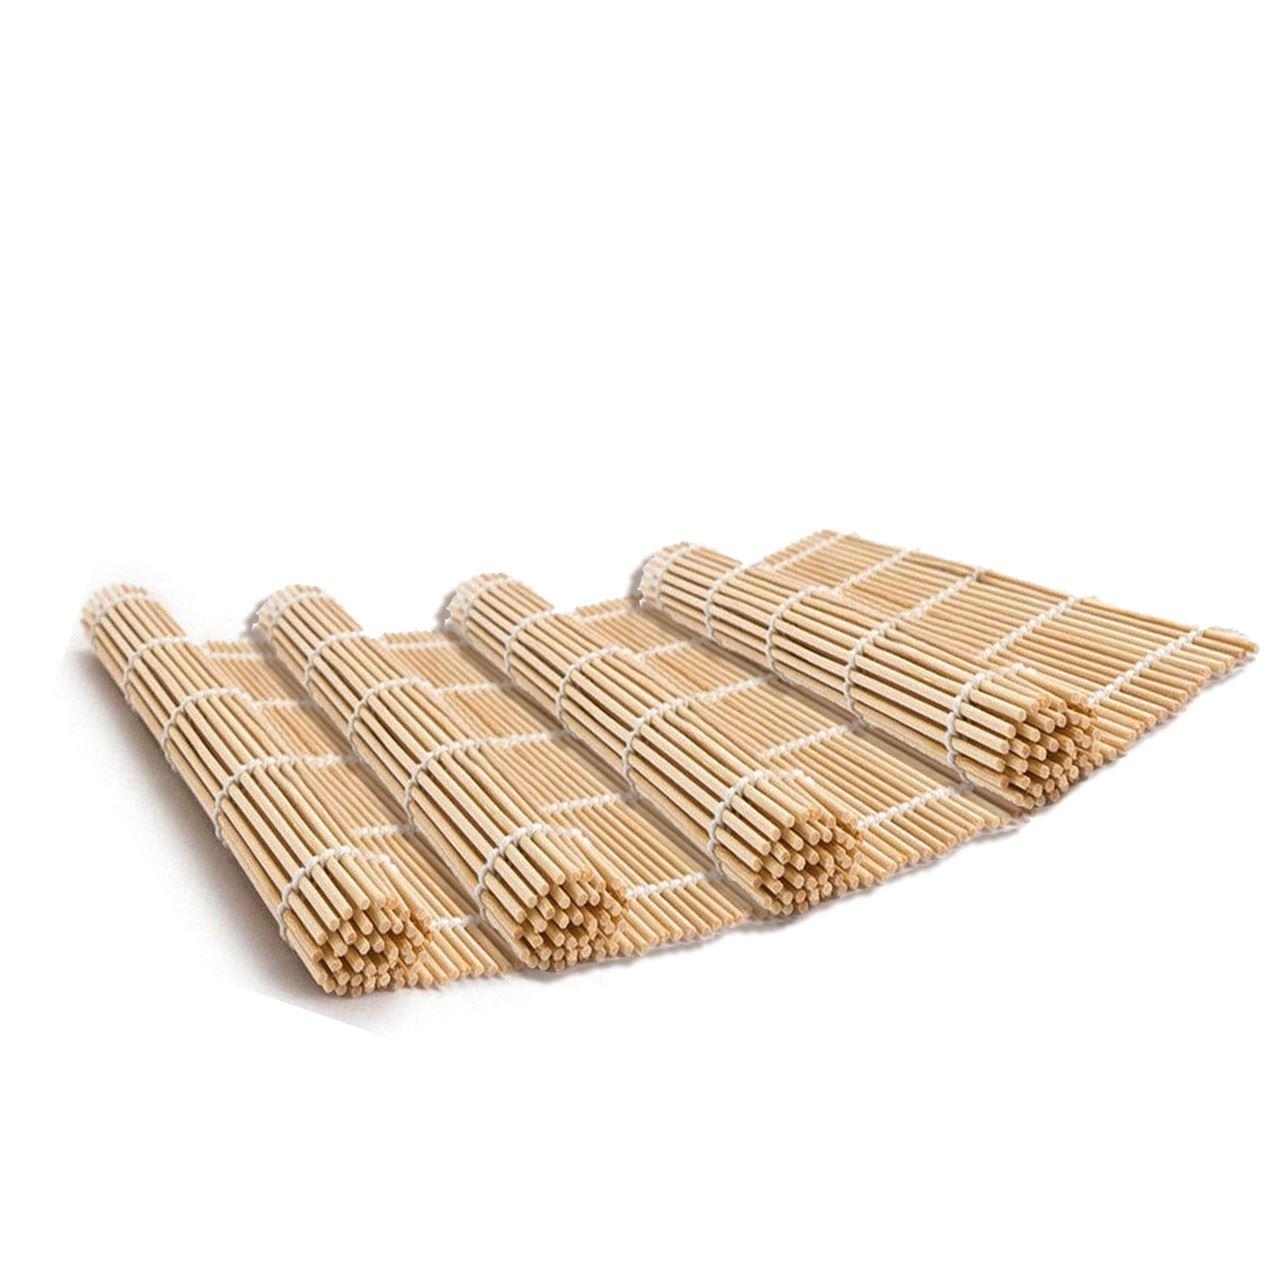 2 4 8 Oriental Japonais Sushi Roll Maker Riz Rouleau Bambou Rolling Mat napperon